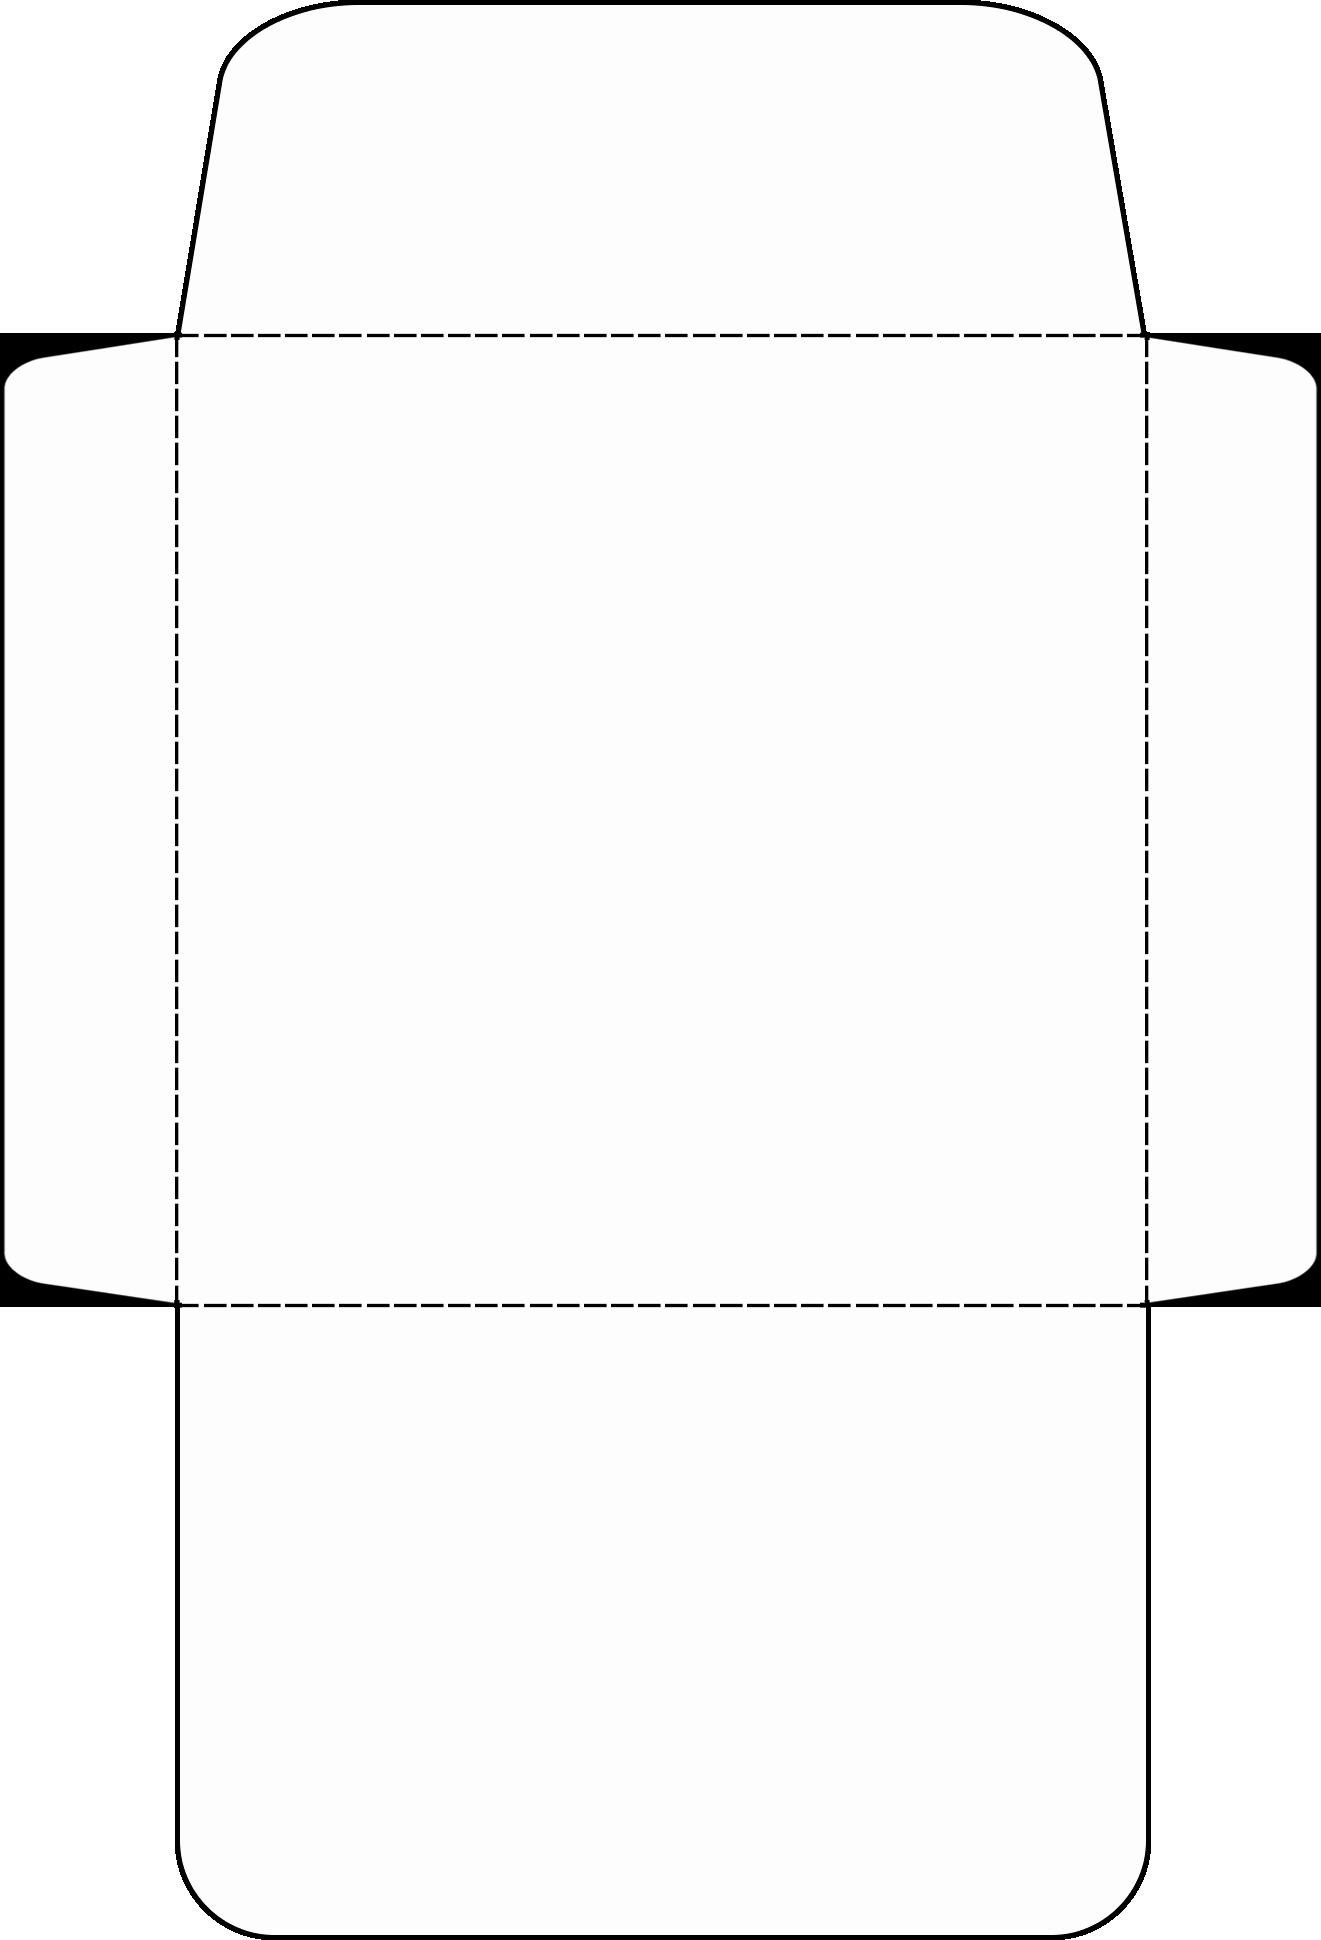 Pocket Envelope Template Elegant Envelope & Pocket Templates